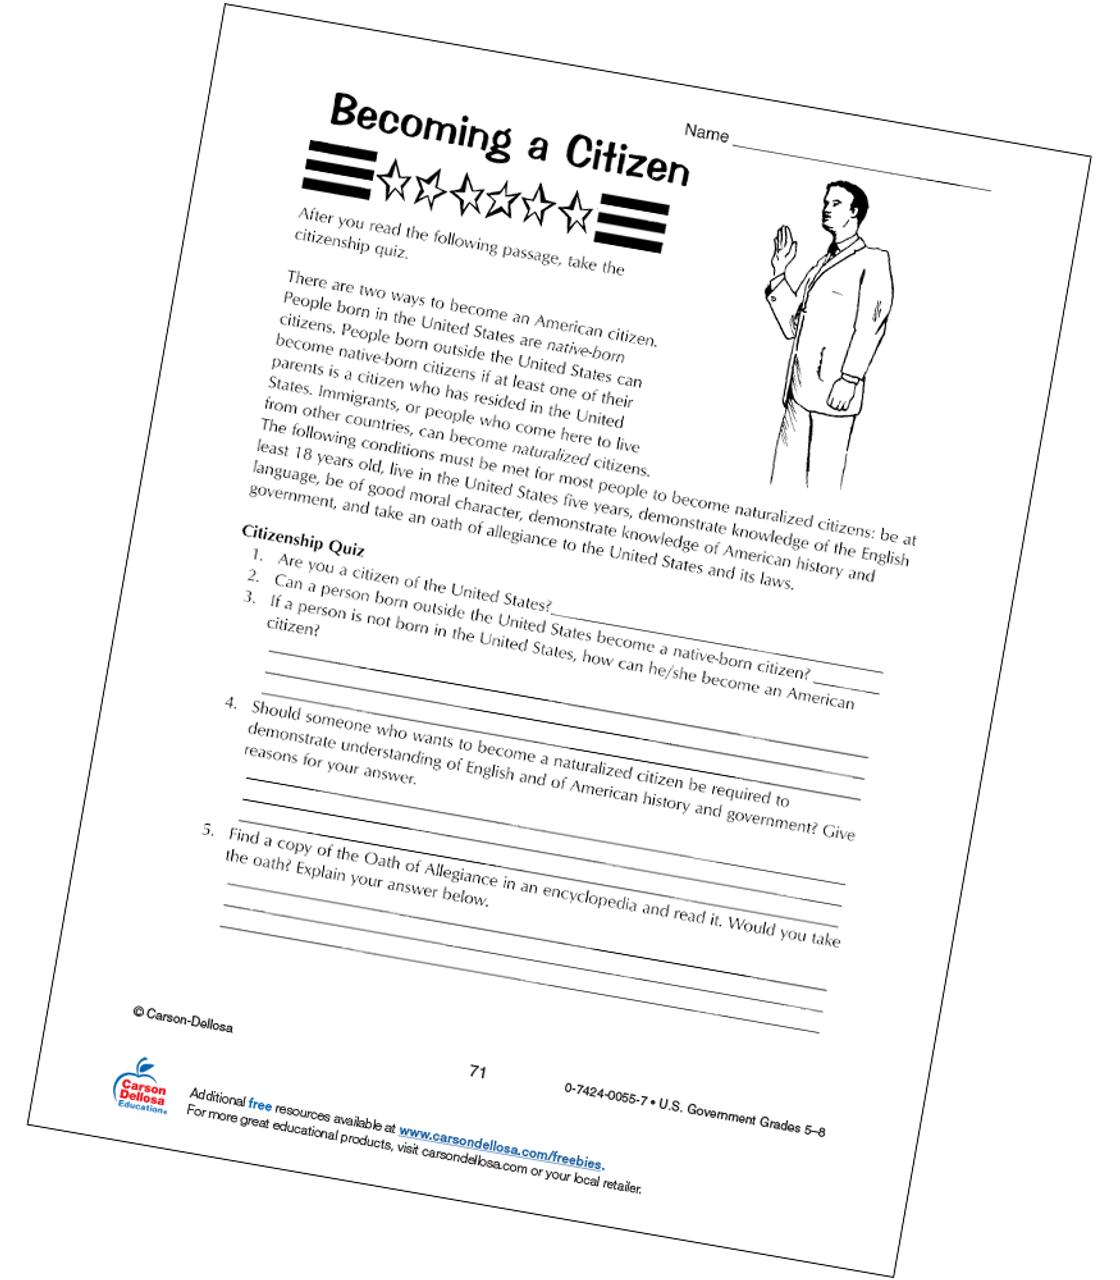 medium resolution of Becoming a U.S. Citizen Grades 5-8 Free Printable   Carson Dellosa